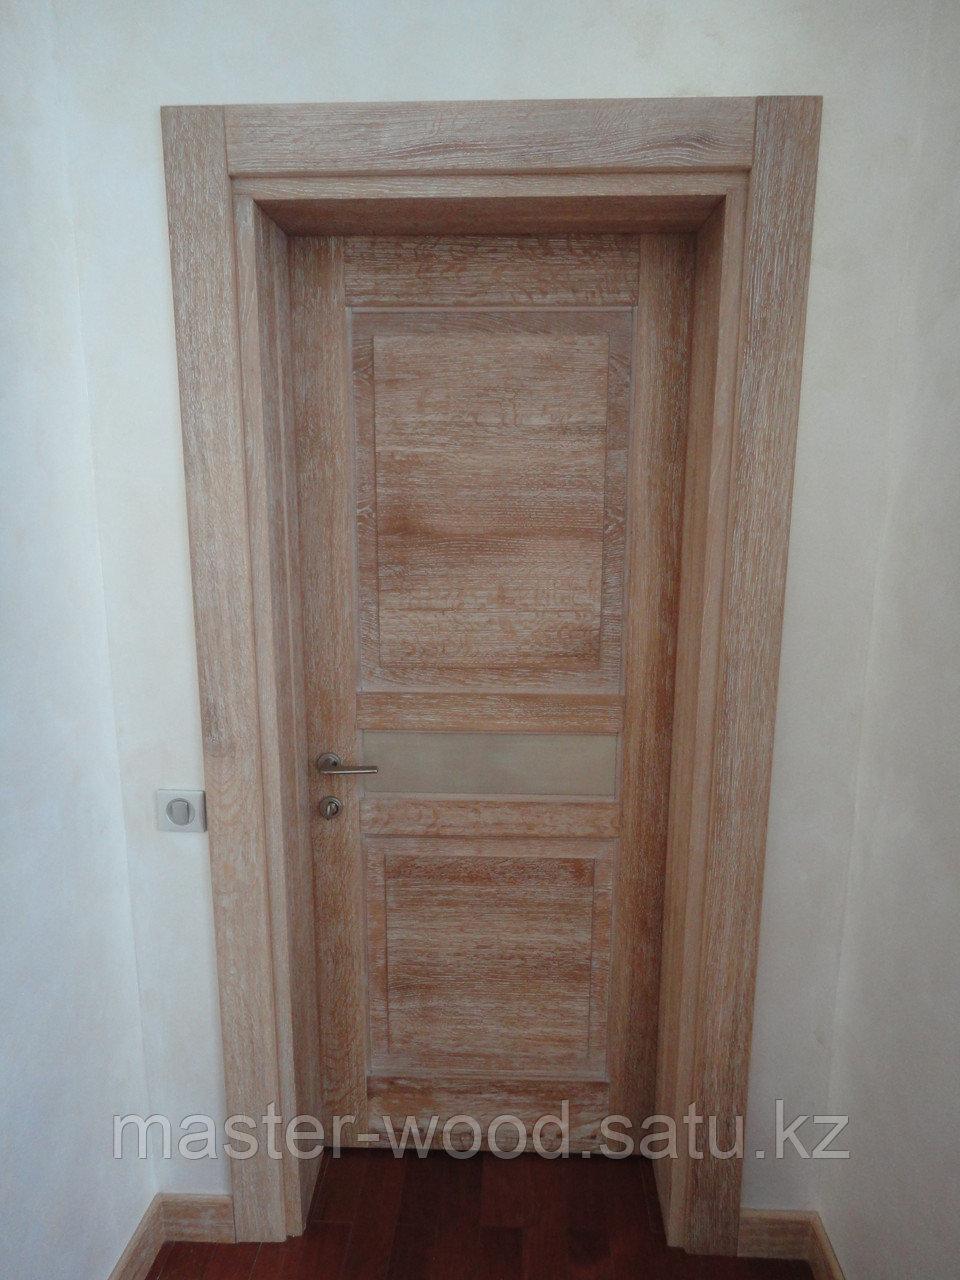 Двери межкомнатные Алматы - фото 3